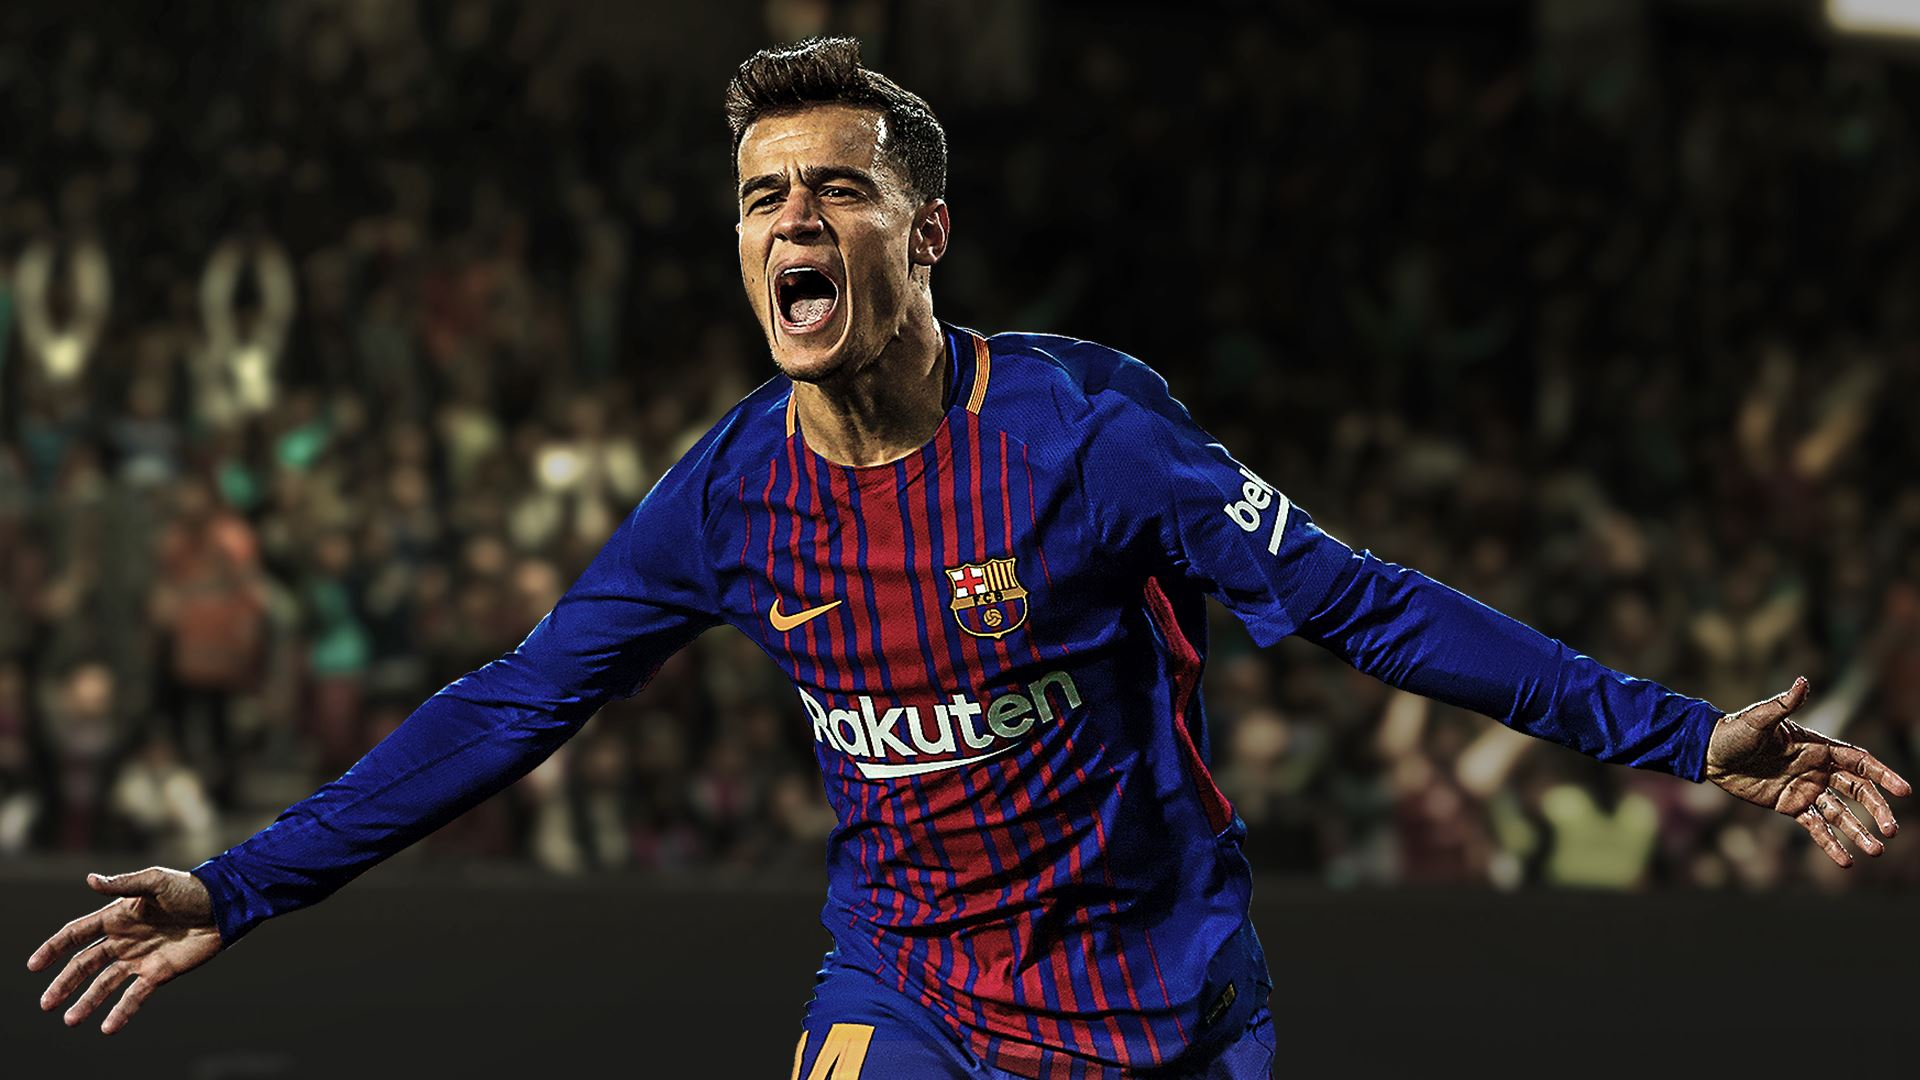 PES 2019 - Coutinho